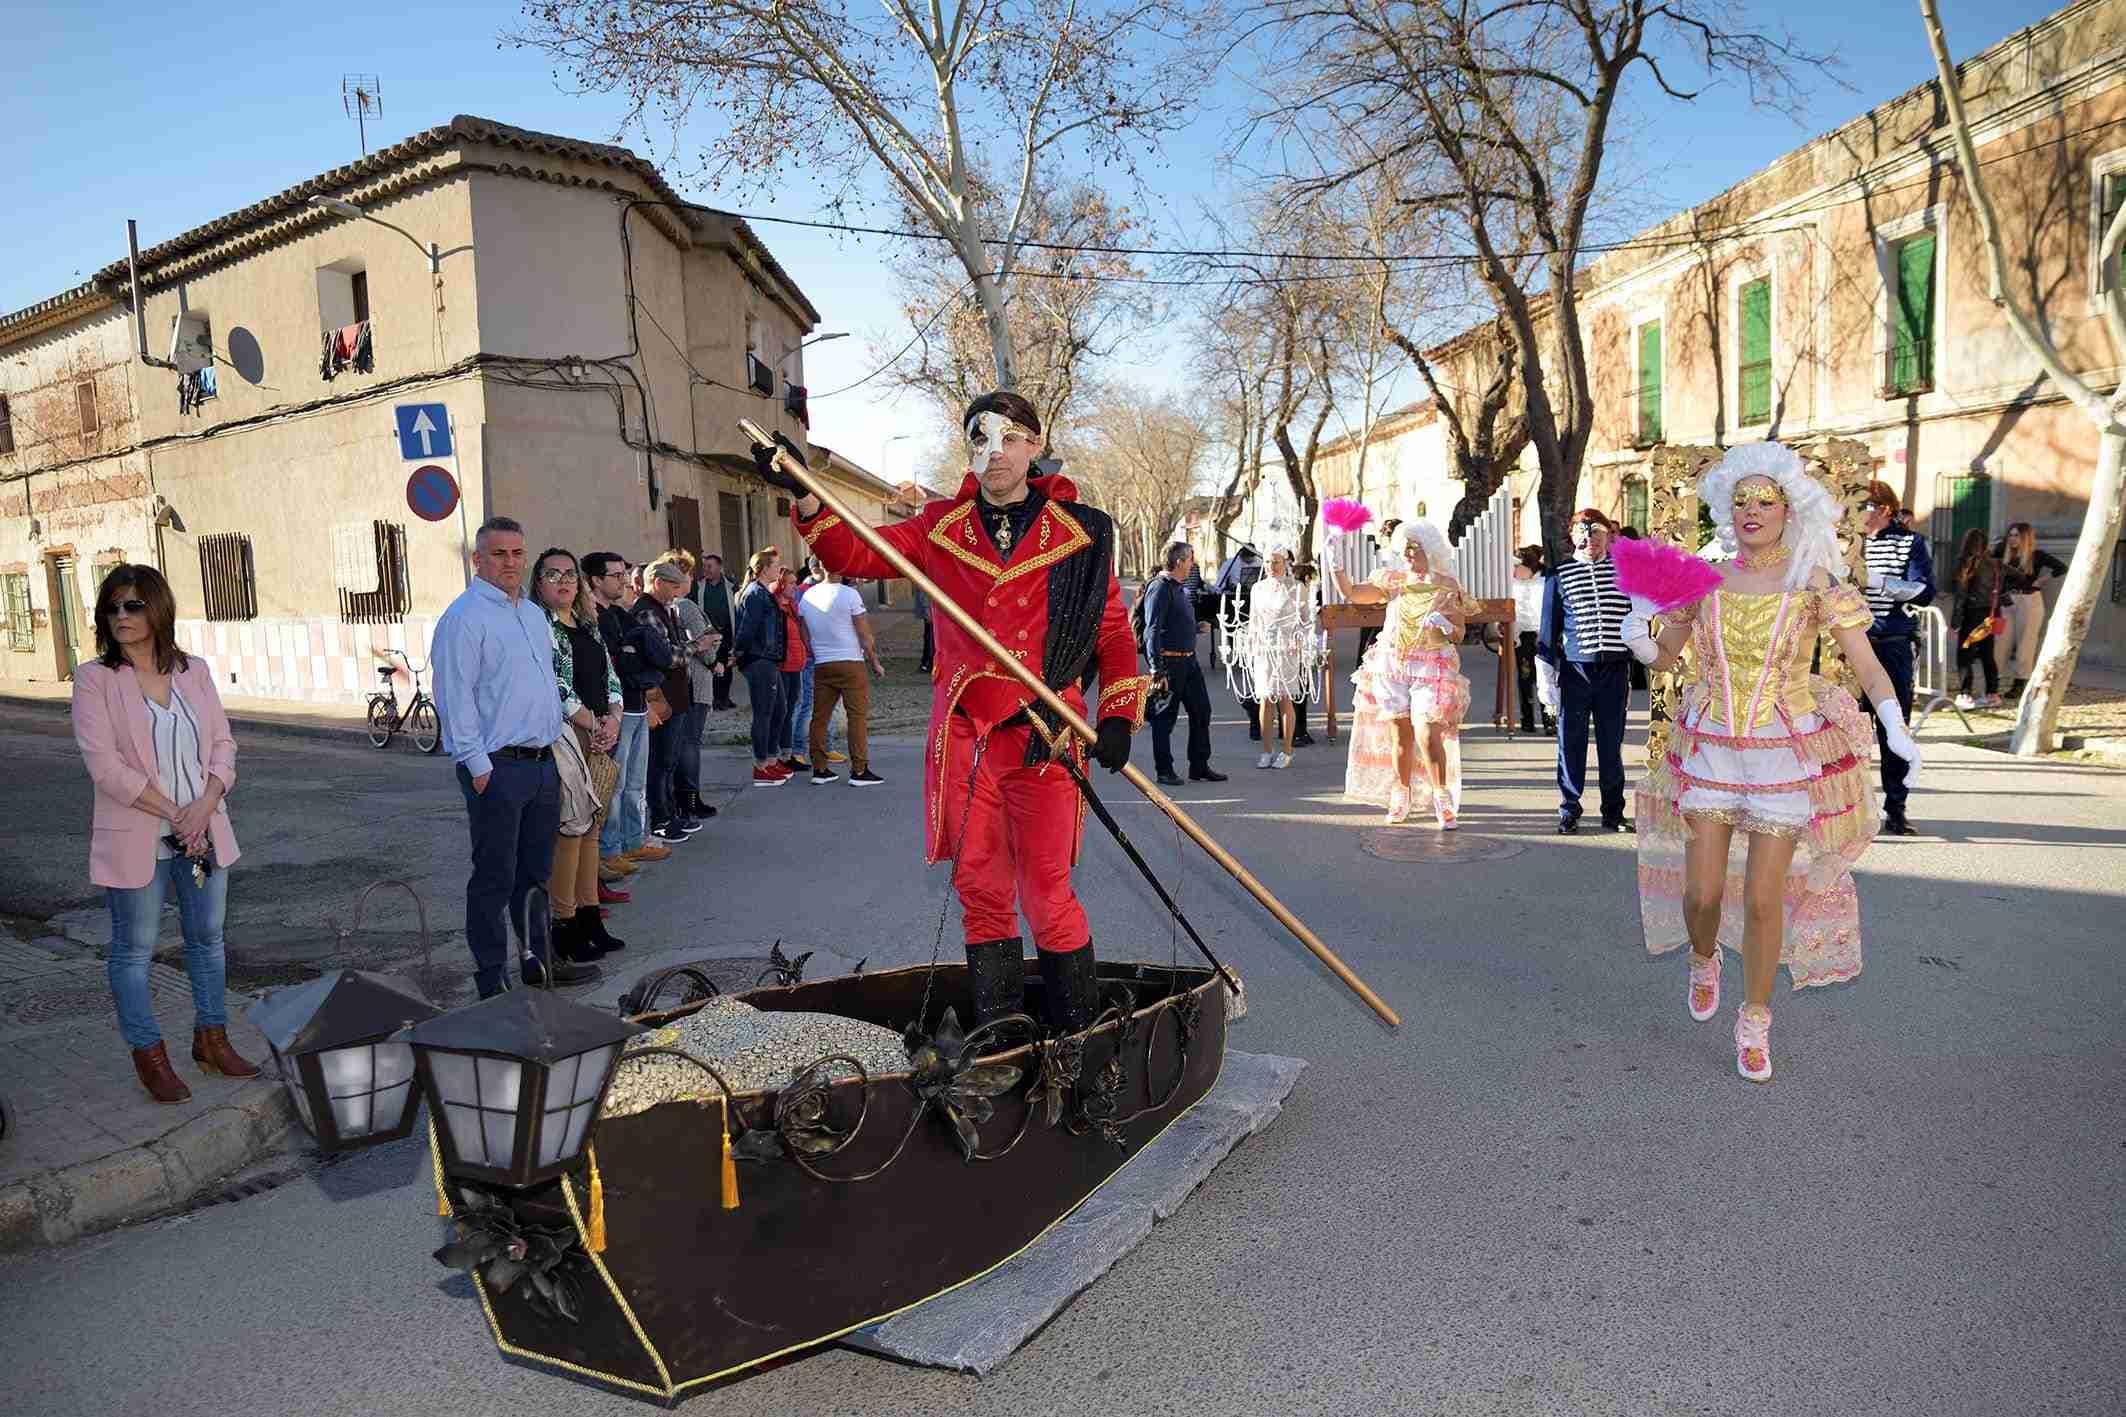 Ritmo, color y mucha originalidad en el Desfile de Comparsas 2020 de Argamasilla de Alba 36